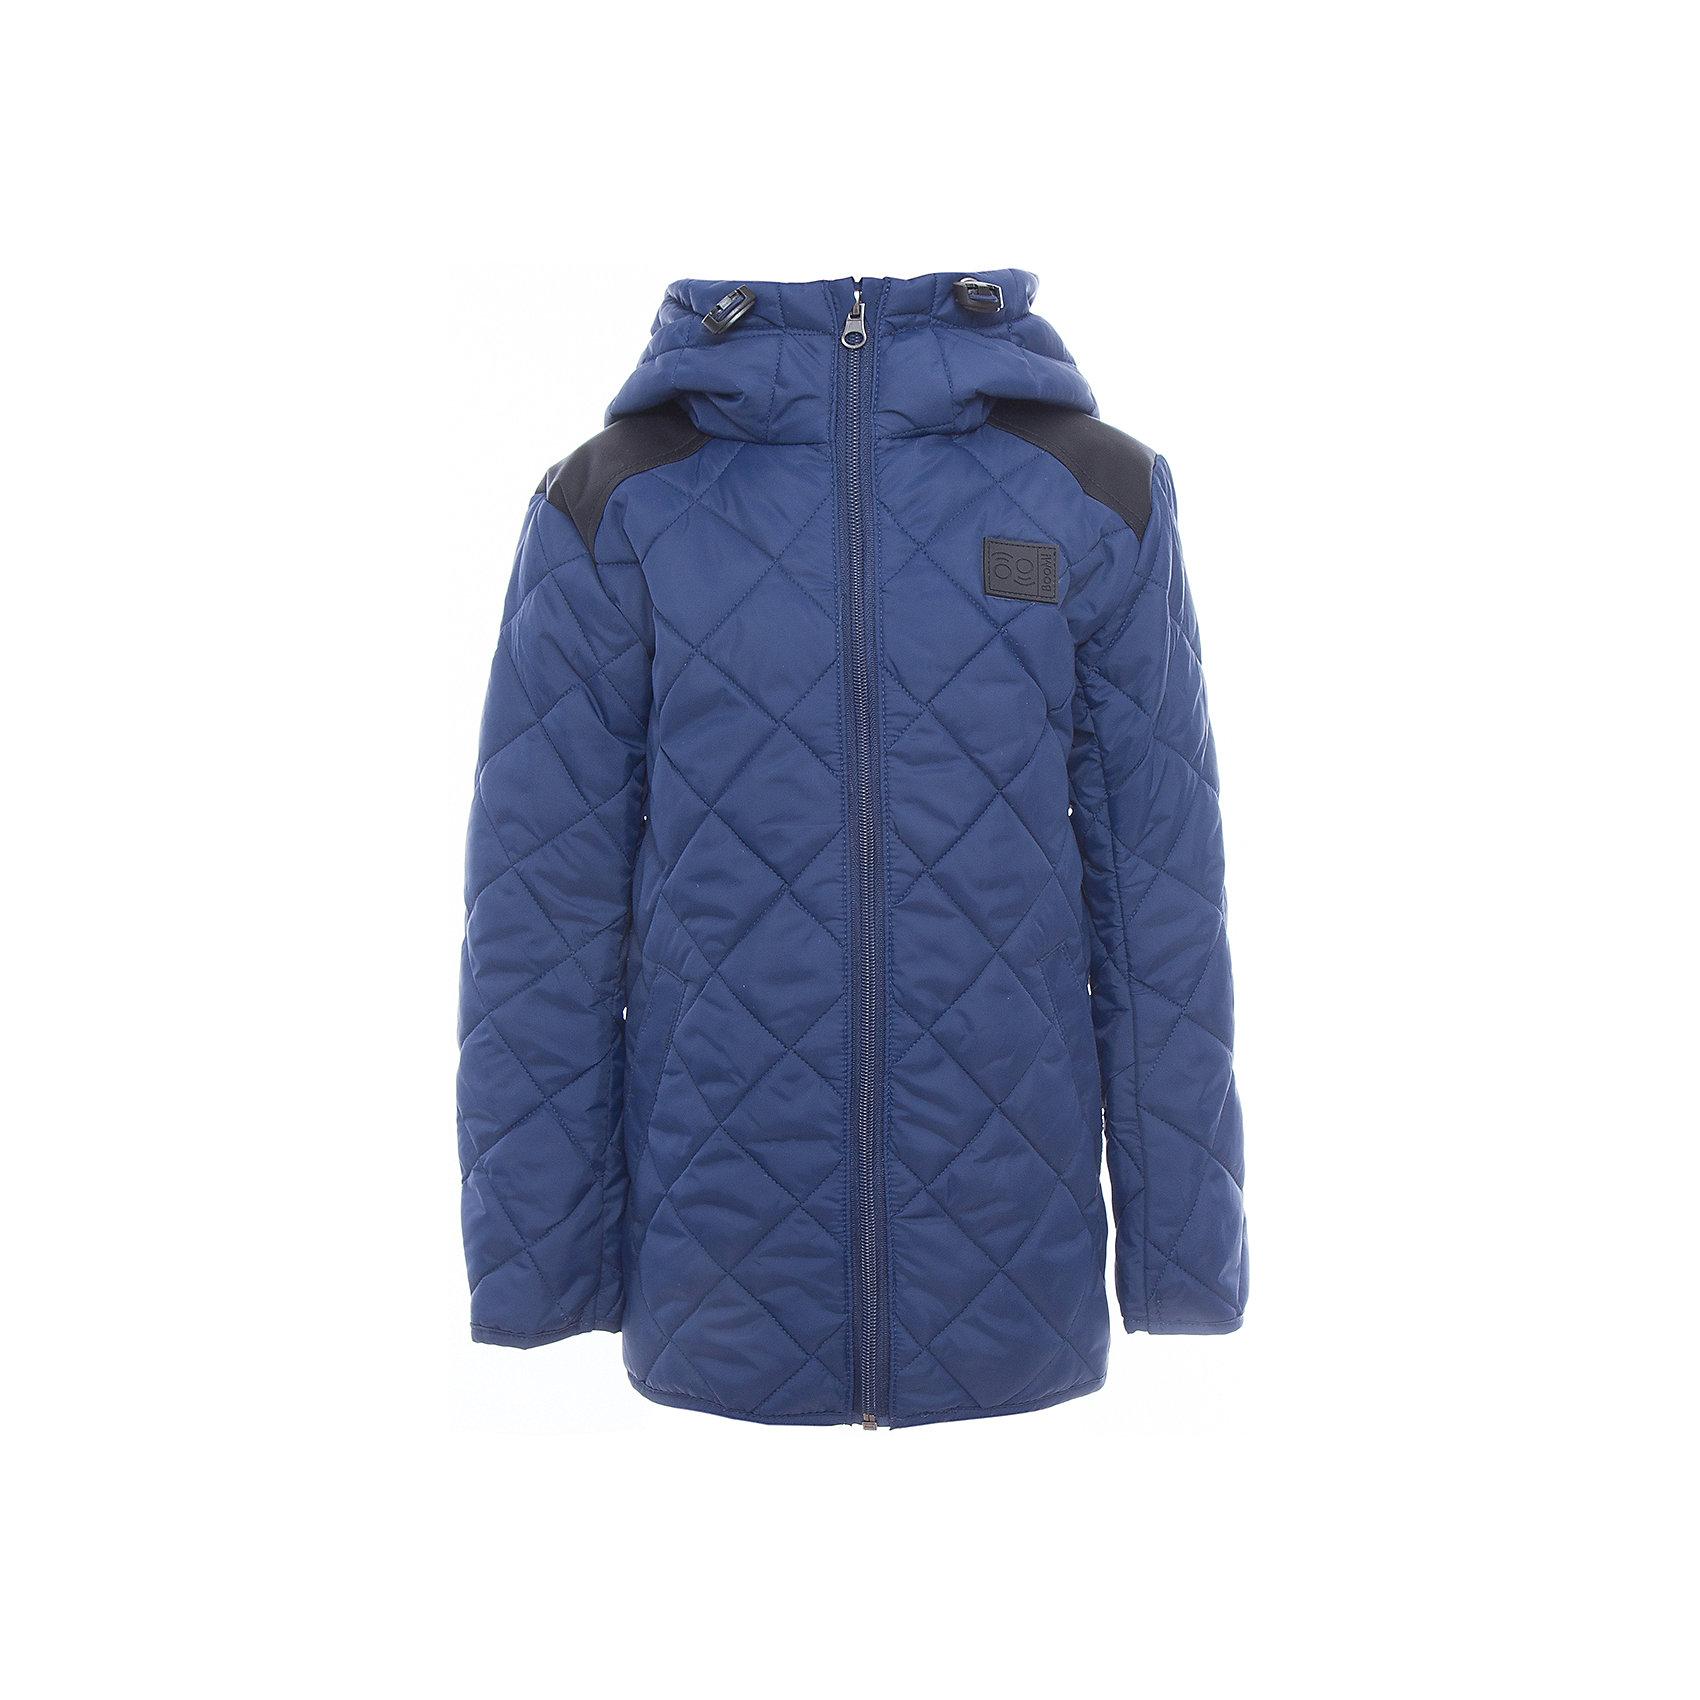 Куртка для мальчика BOOM by OrbyХарактеристики товара:<br><br>• цвет: синий<br>• состав: верх - таффета, таслан, подкладка - полиэстер, утеплитель: эко-синтепон 150 г/м2<br>• карманы<br>• температурный режим: от -5 С° до +10 С° <br>• капюшон<br>• застежка - молния<br>• стеганая<br>• декорирована логотипом<br>• комфортная посадка<br>• страна производства: Российская Федерация<br>• страна бренда: Российская Федерация<br>• коллекция: весна-лето 2017<br><br>Такая куртка - отличный вариант для походов в школу в межсезонье с его постоянно меняющейся погодой. Эта модель - модная и удобная одновременно! Изделие отличается стильным элегантным дизайном. Куртка хорошо сидит по фигуре, отлично сочетается с различным низом. Вещь была разработана специально для детей.<br><br>Куртку для мальчика от бренда BOOM by Orby можно купить в нашем интернет-магазине.<br><br>Ширина мм: 356<br>Глубина мм: 10<br>Высота мм: 245<br>Вес г: 519<br>Цвет: синий<br>Возраст от месяцев: 144<br>Возраст до месяцев: 156<br>Пол: Мужской<br>Возраст: Детский<br>Размер: 158,116,122,128,134,140,146,152<br>SKU: 5342721